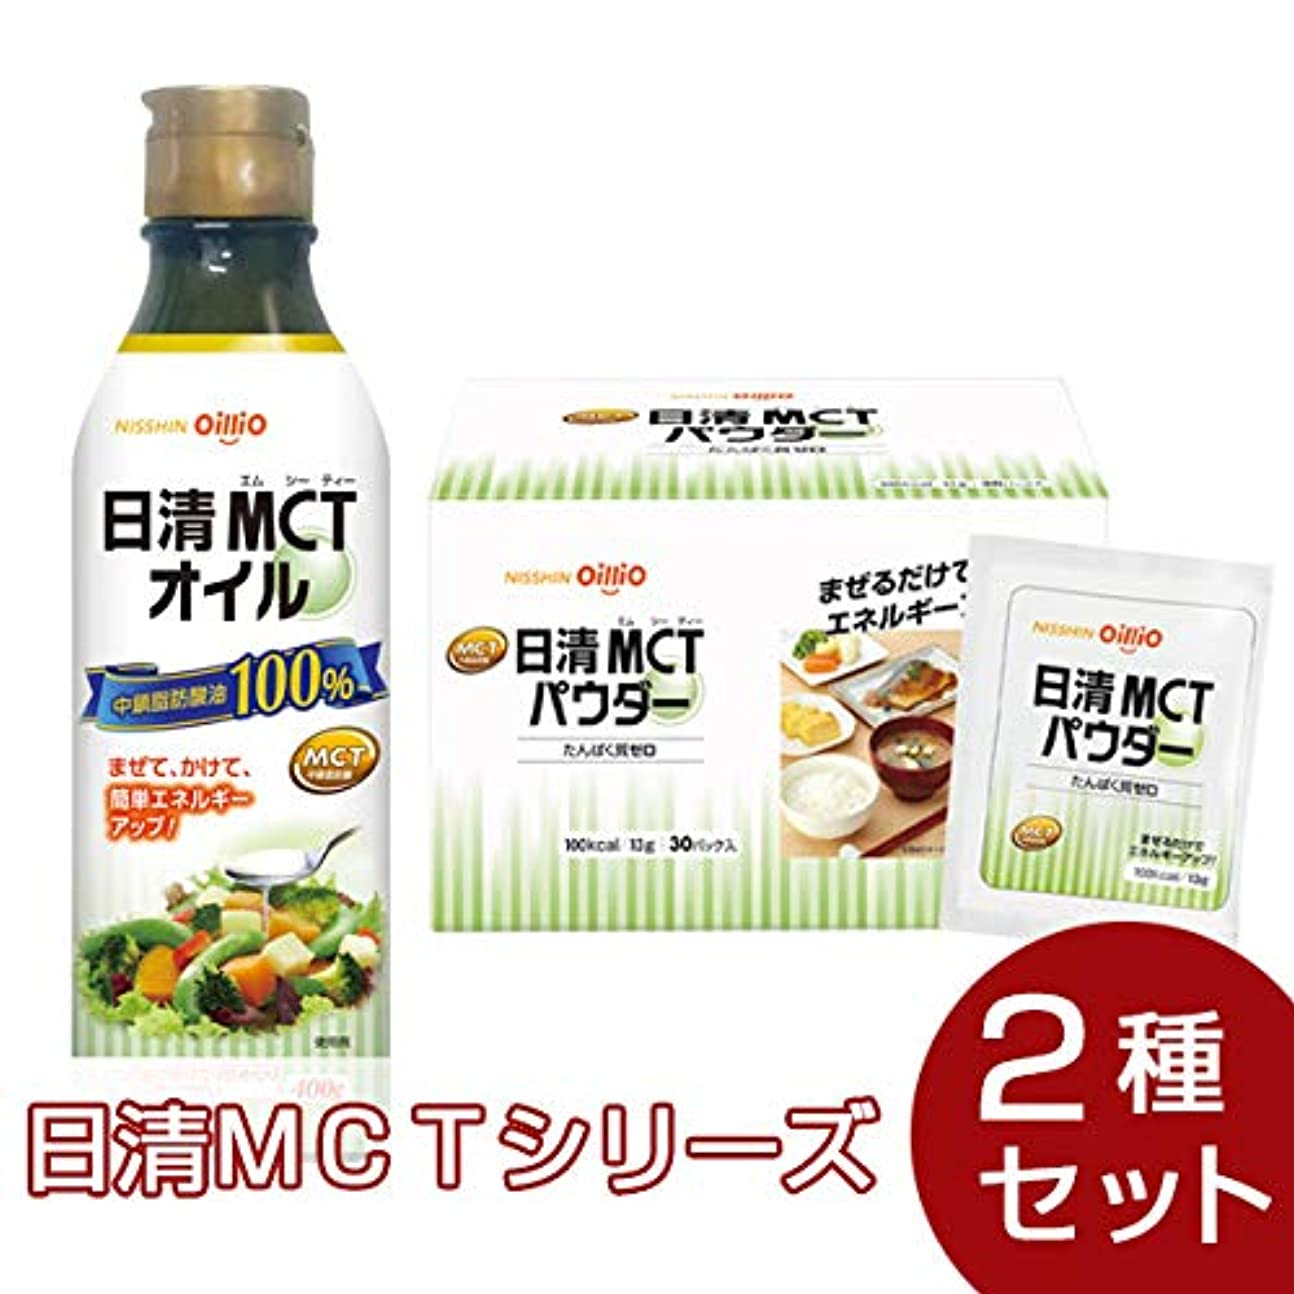 聴覚障害者偏見公爵日清MCTシリーズ 2種セット